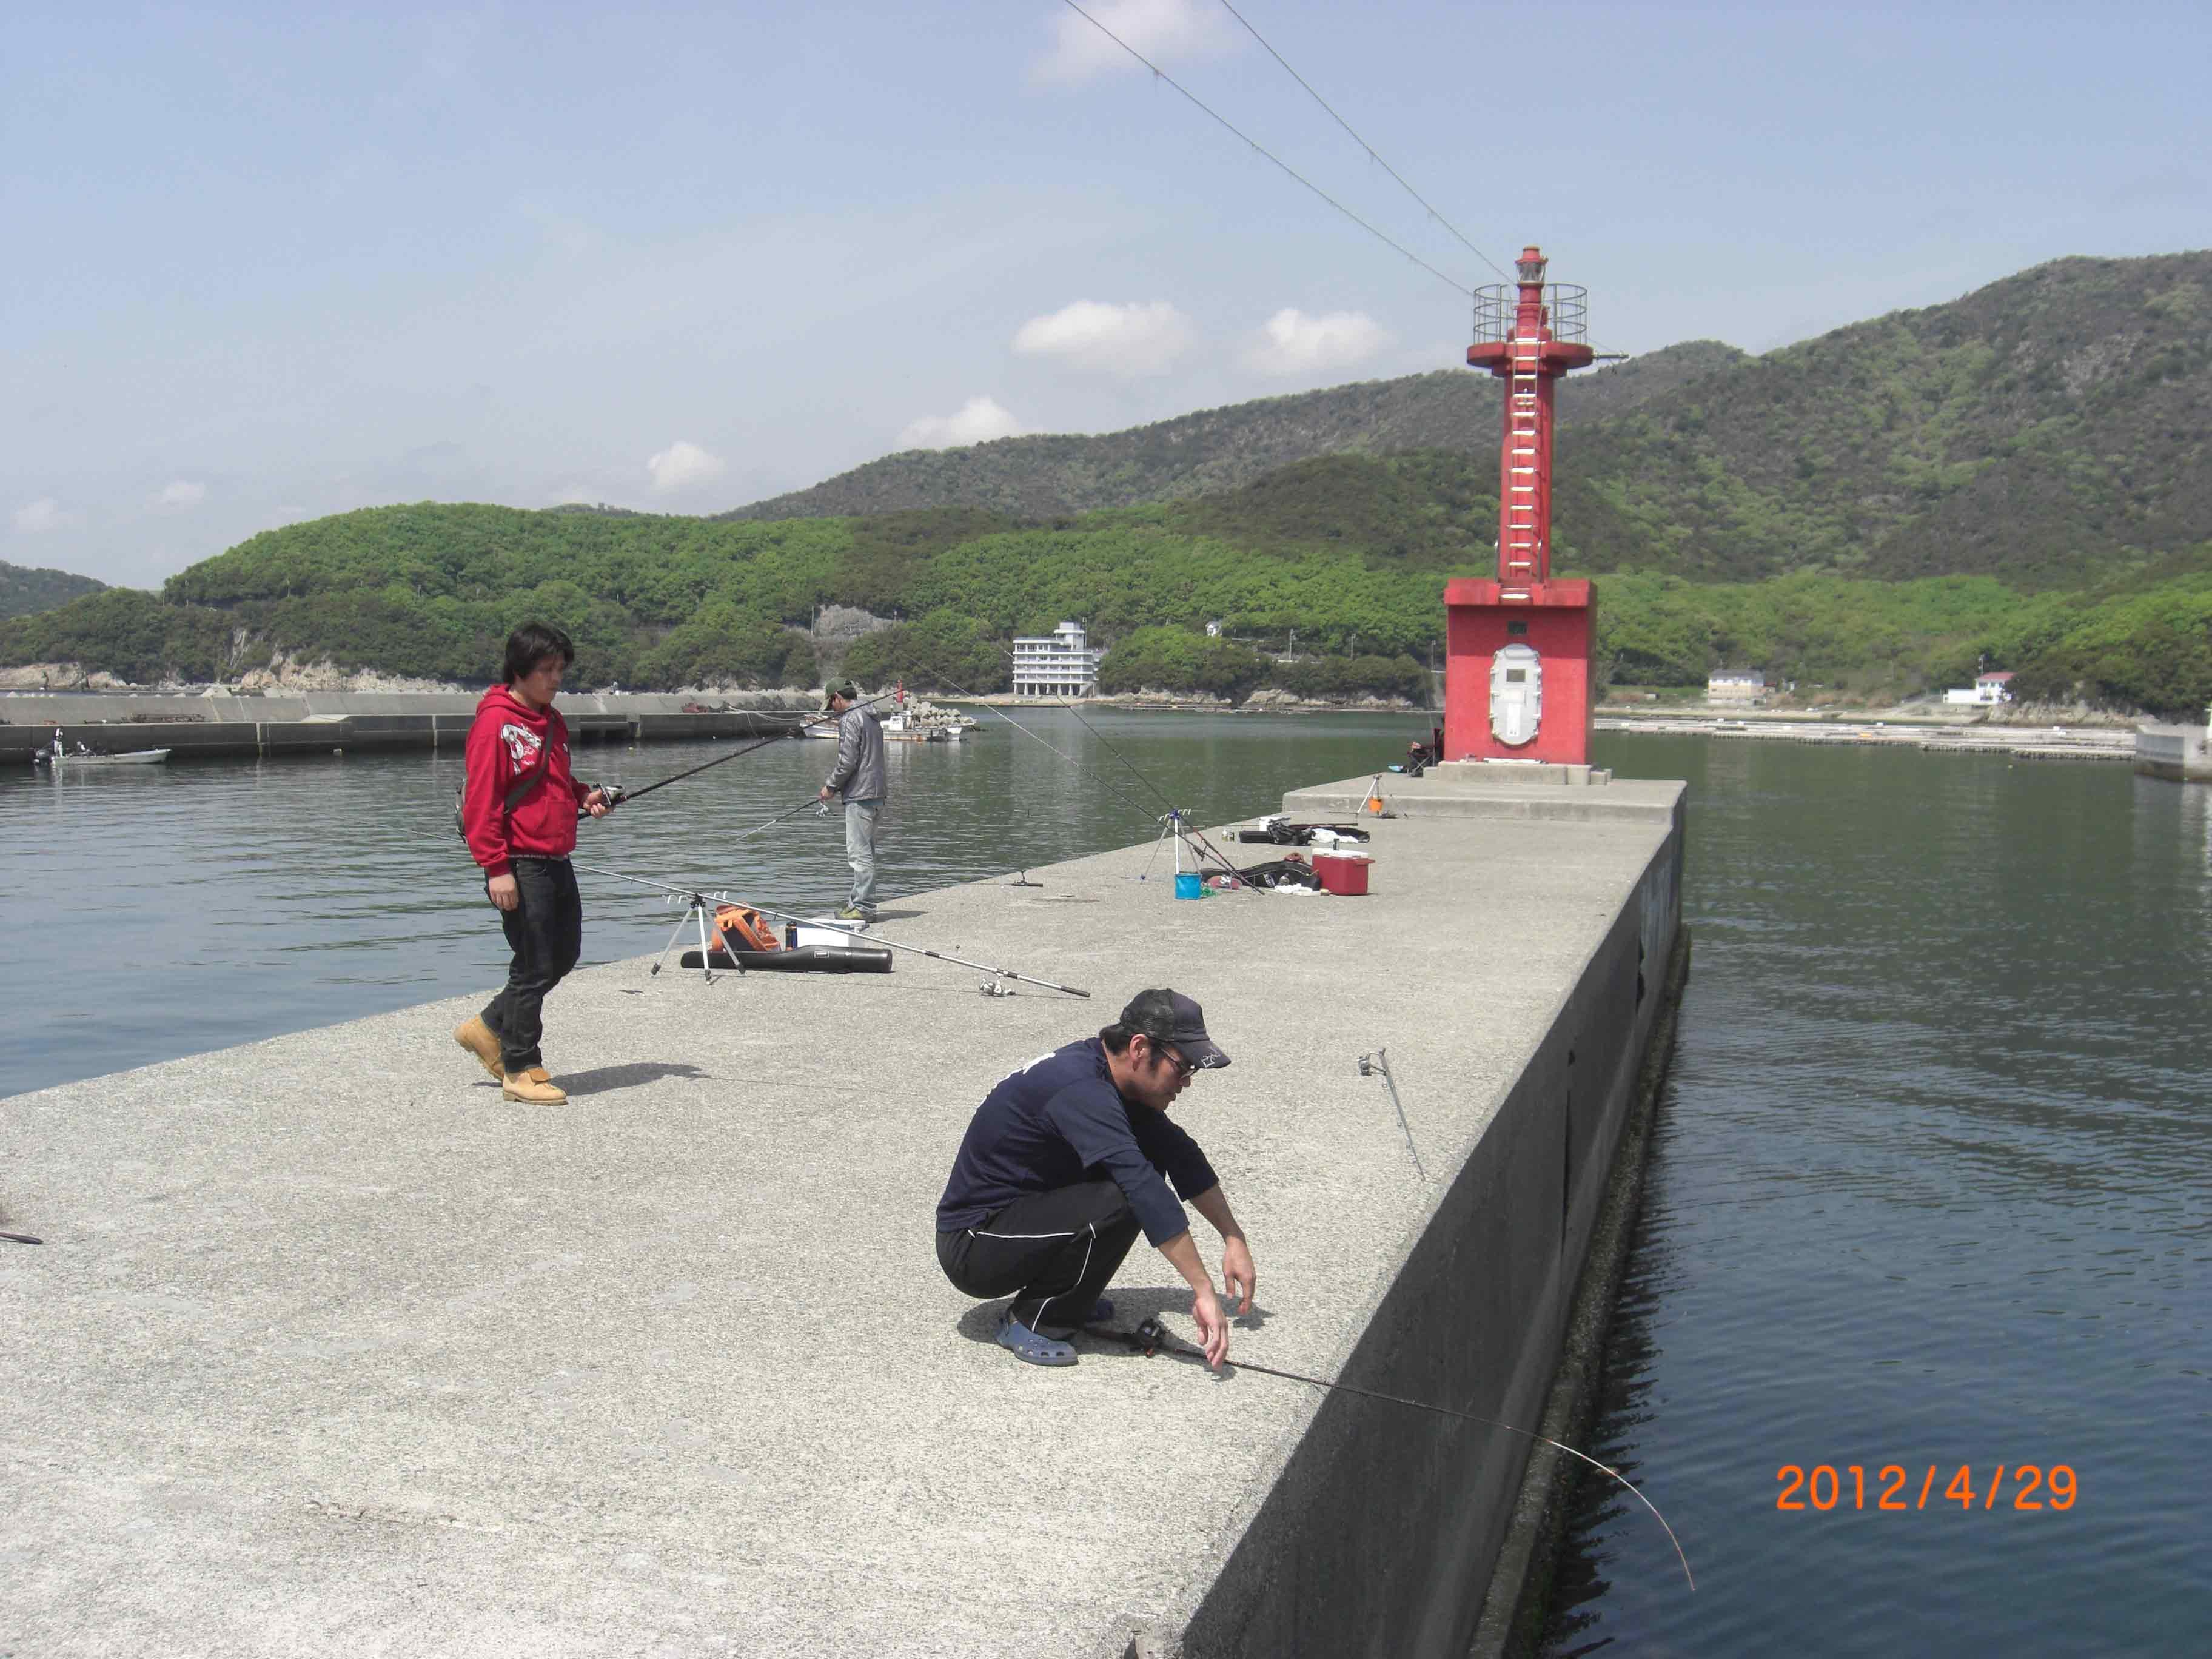 播磨 室津漁港に釣りに行って来ました。 : 兵庫釣りクラブ 海 ...